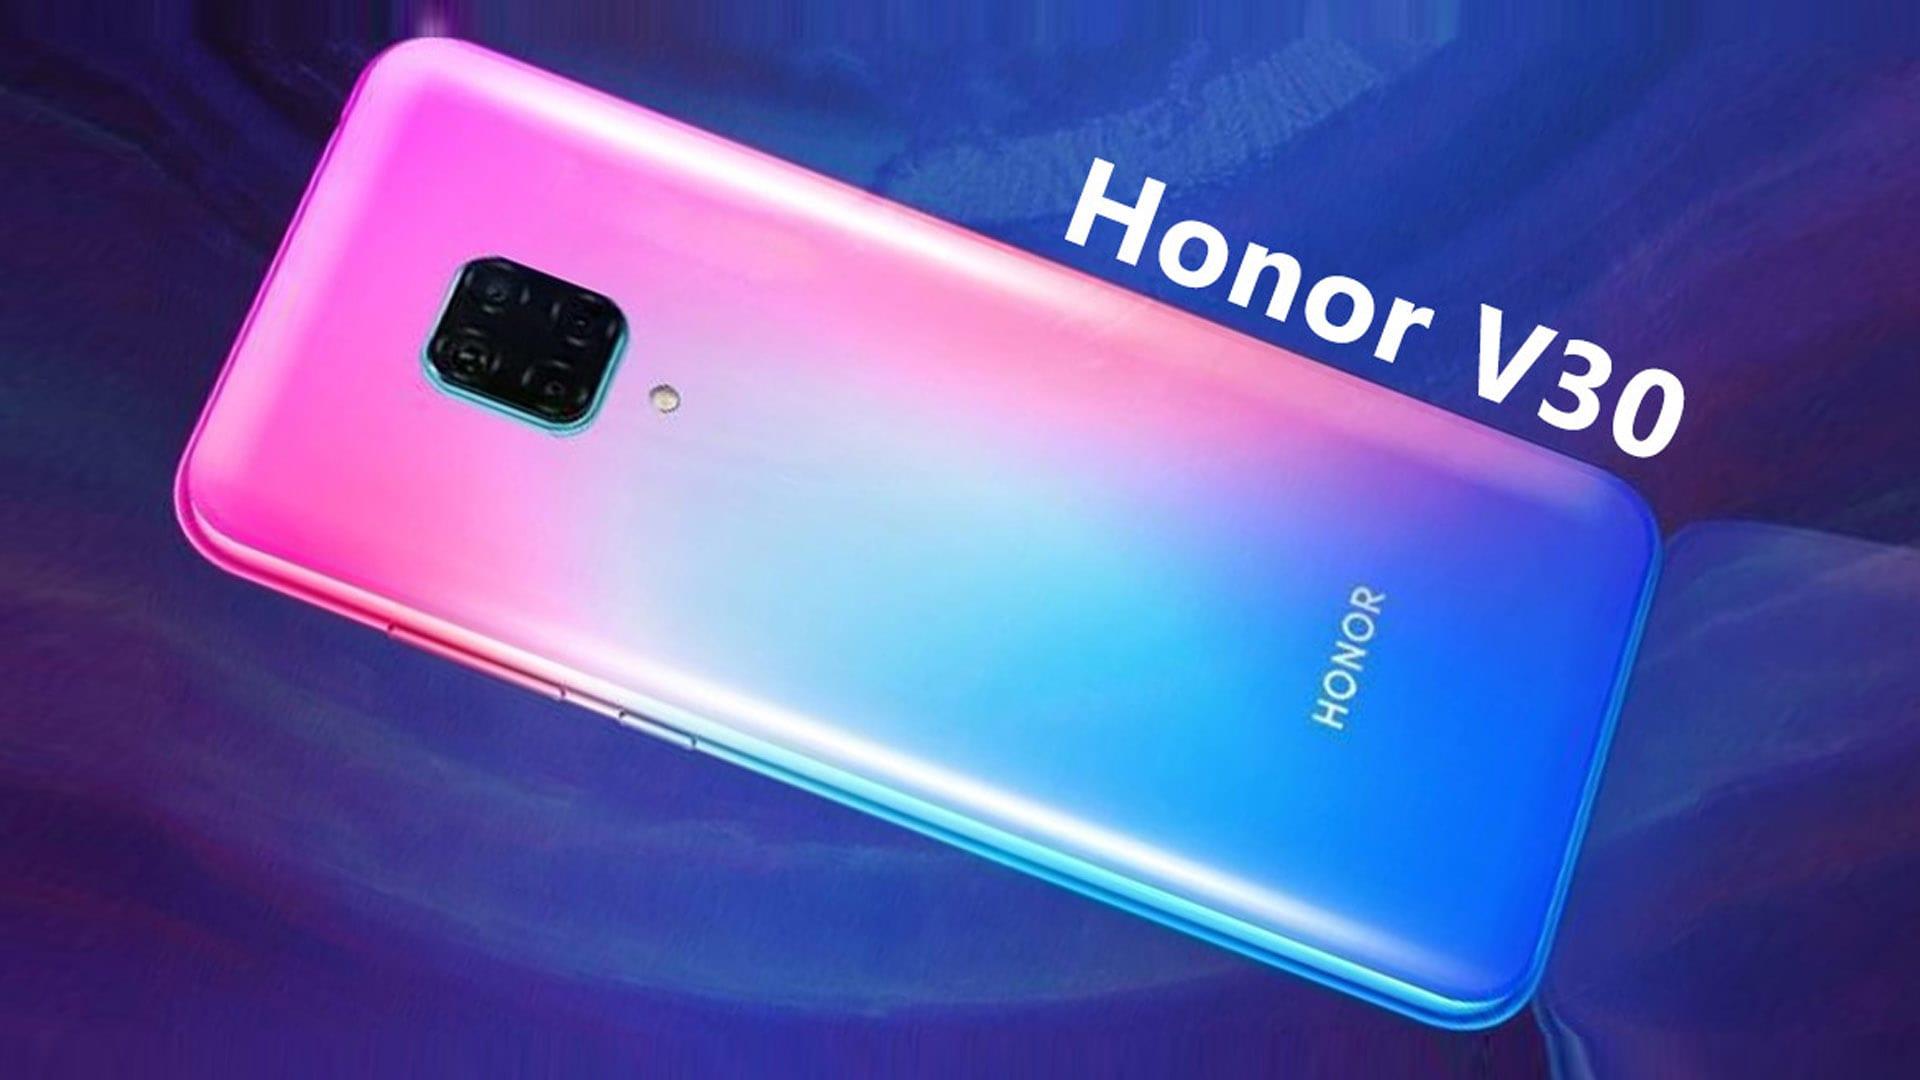 تسريبات الهاتف القادم Honor V30 Pro سيضم شاشة OLED وكاميرا أساسية بدقة 60 ميجابكسل